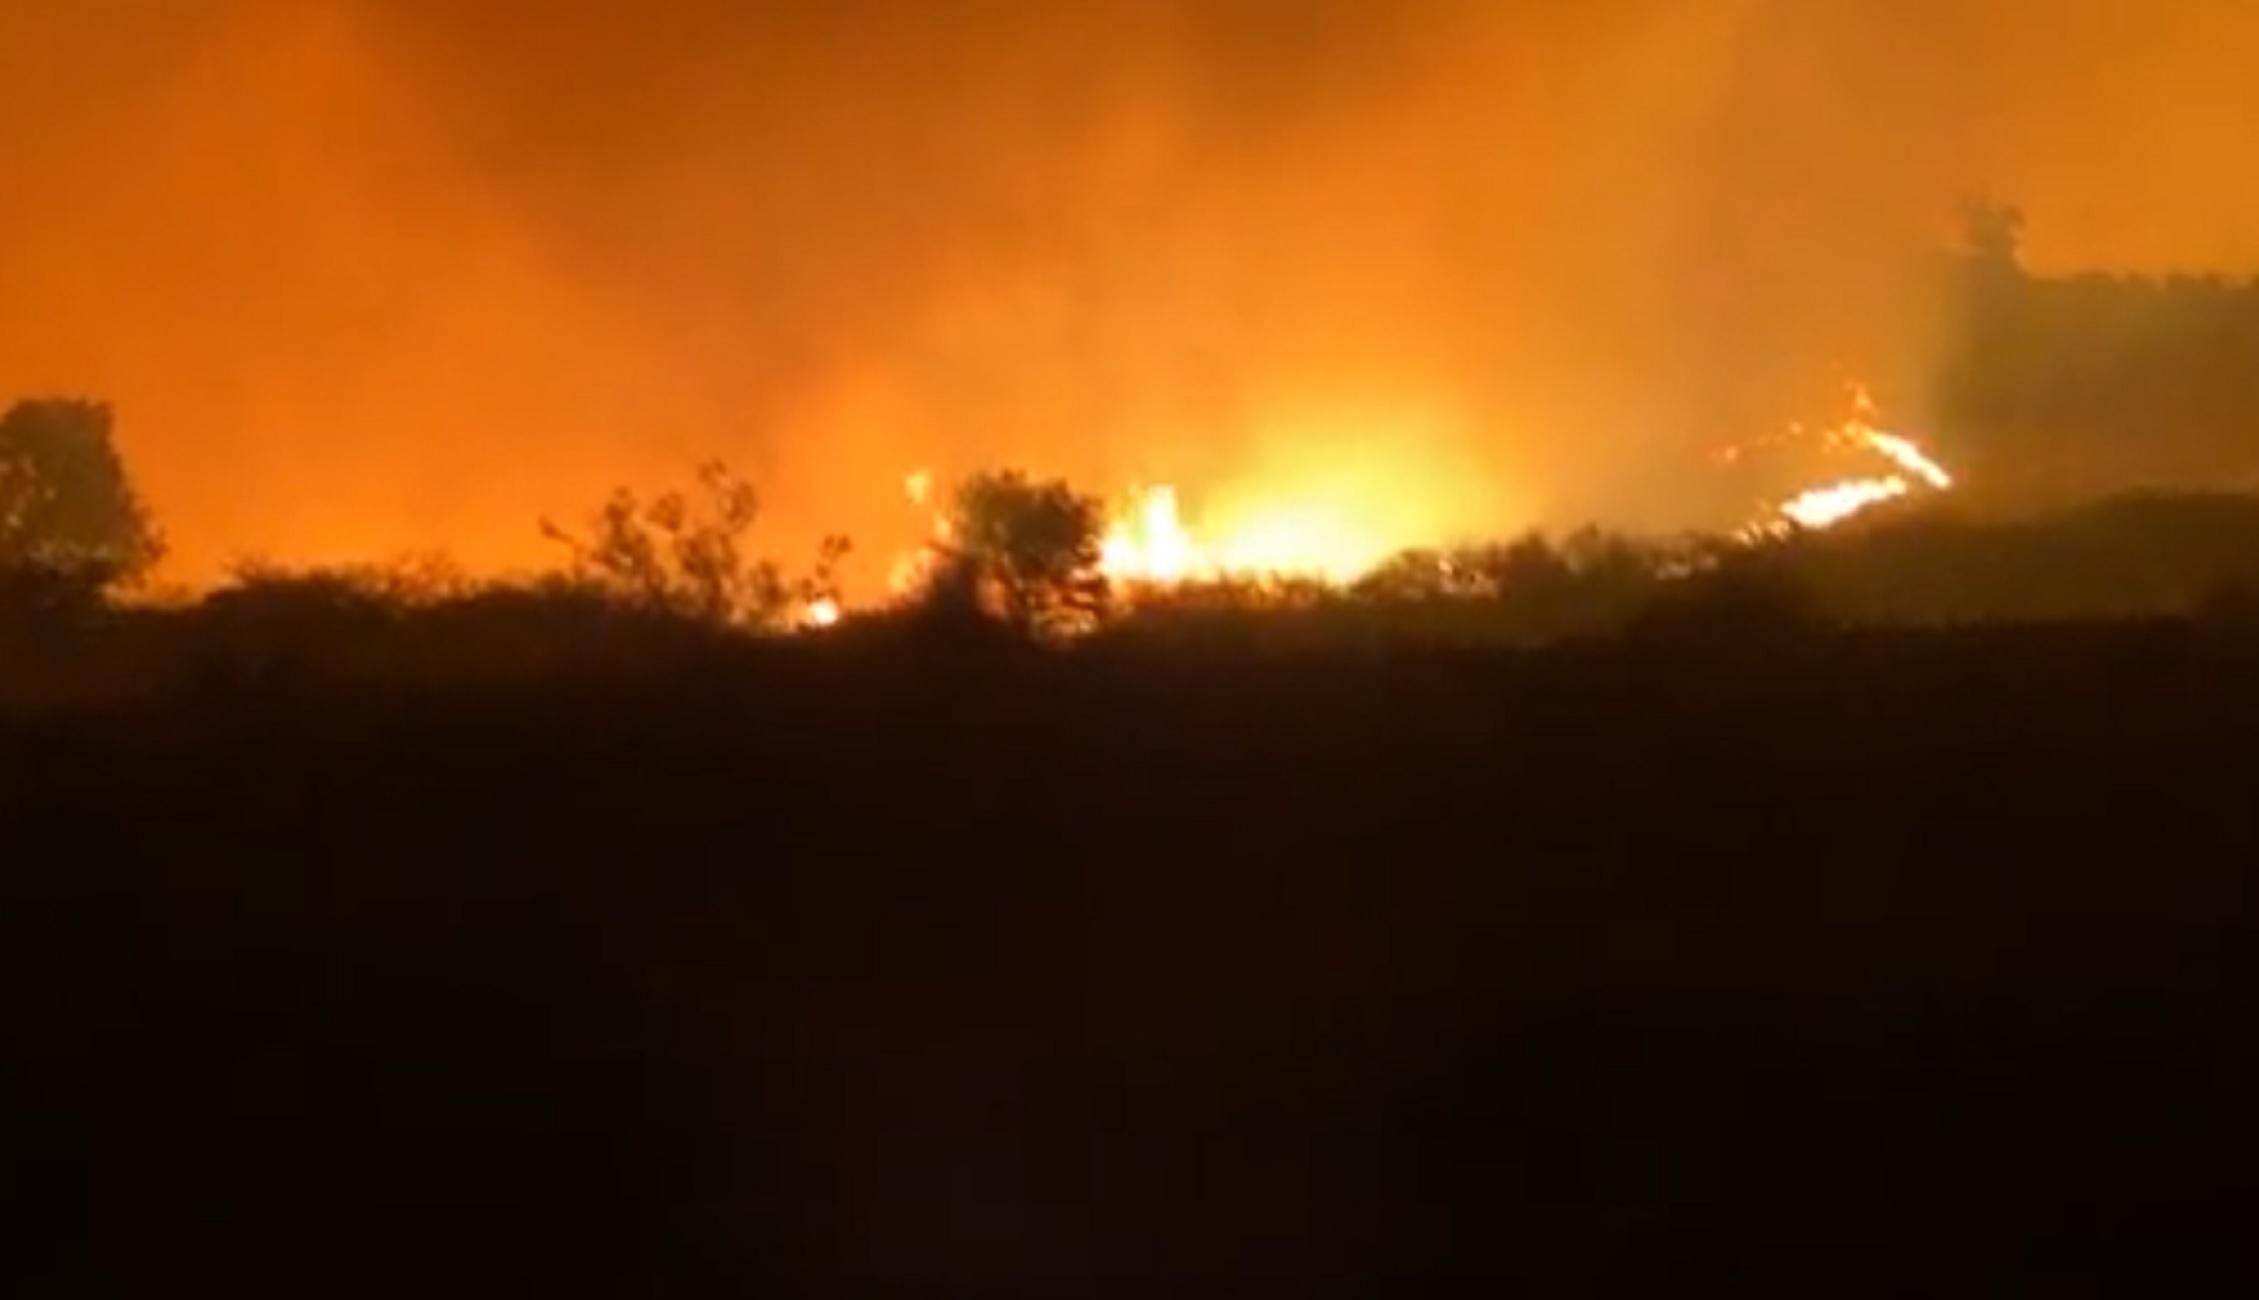 Μαίνεται η μεγάλη φωτιά σε δασική έκταση στην Αλεξανδρούπολη (video)